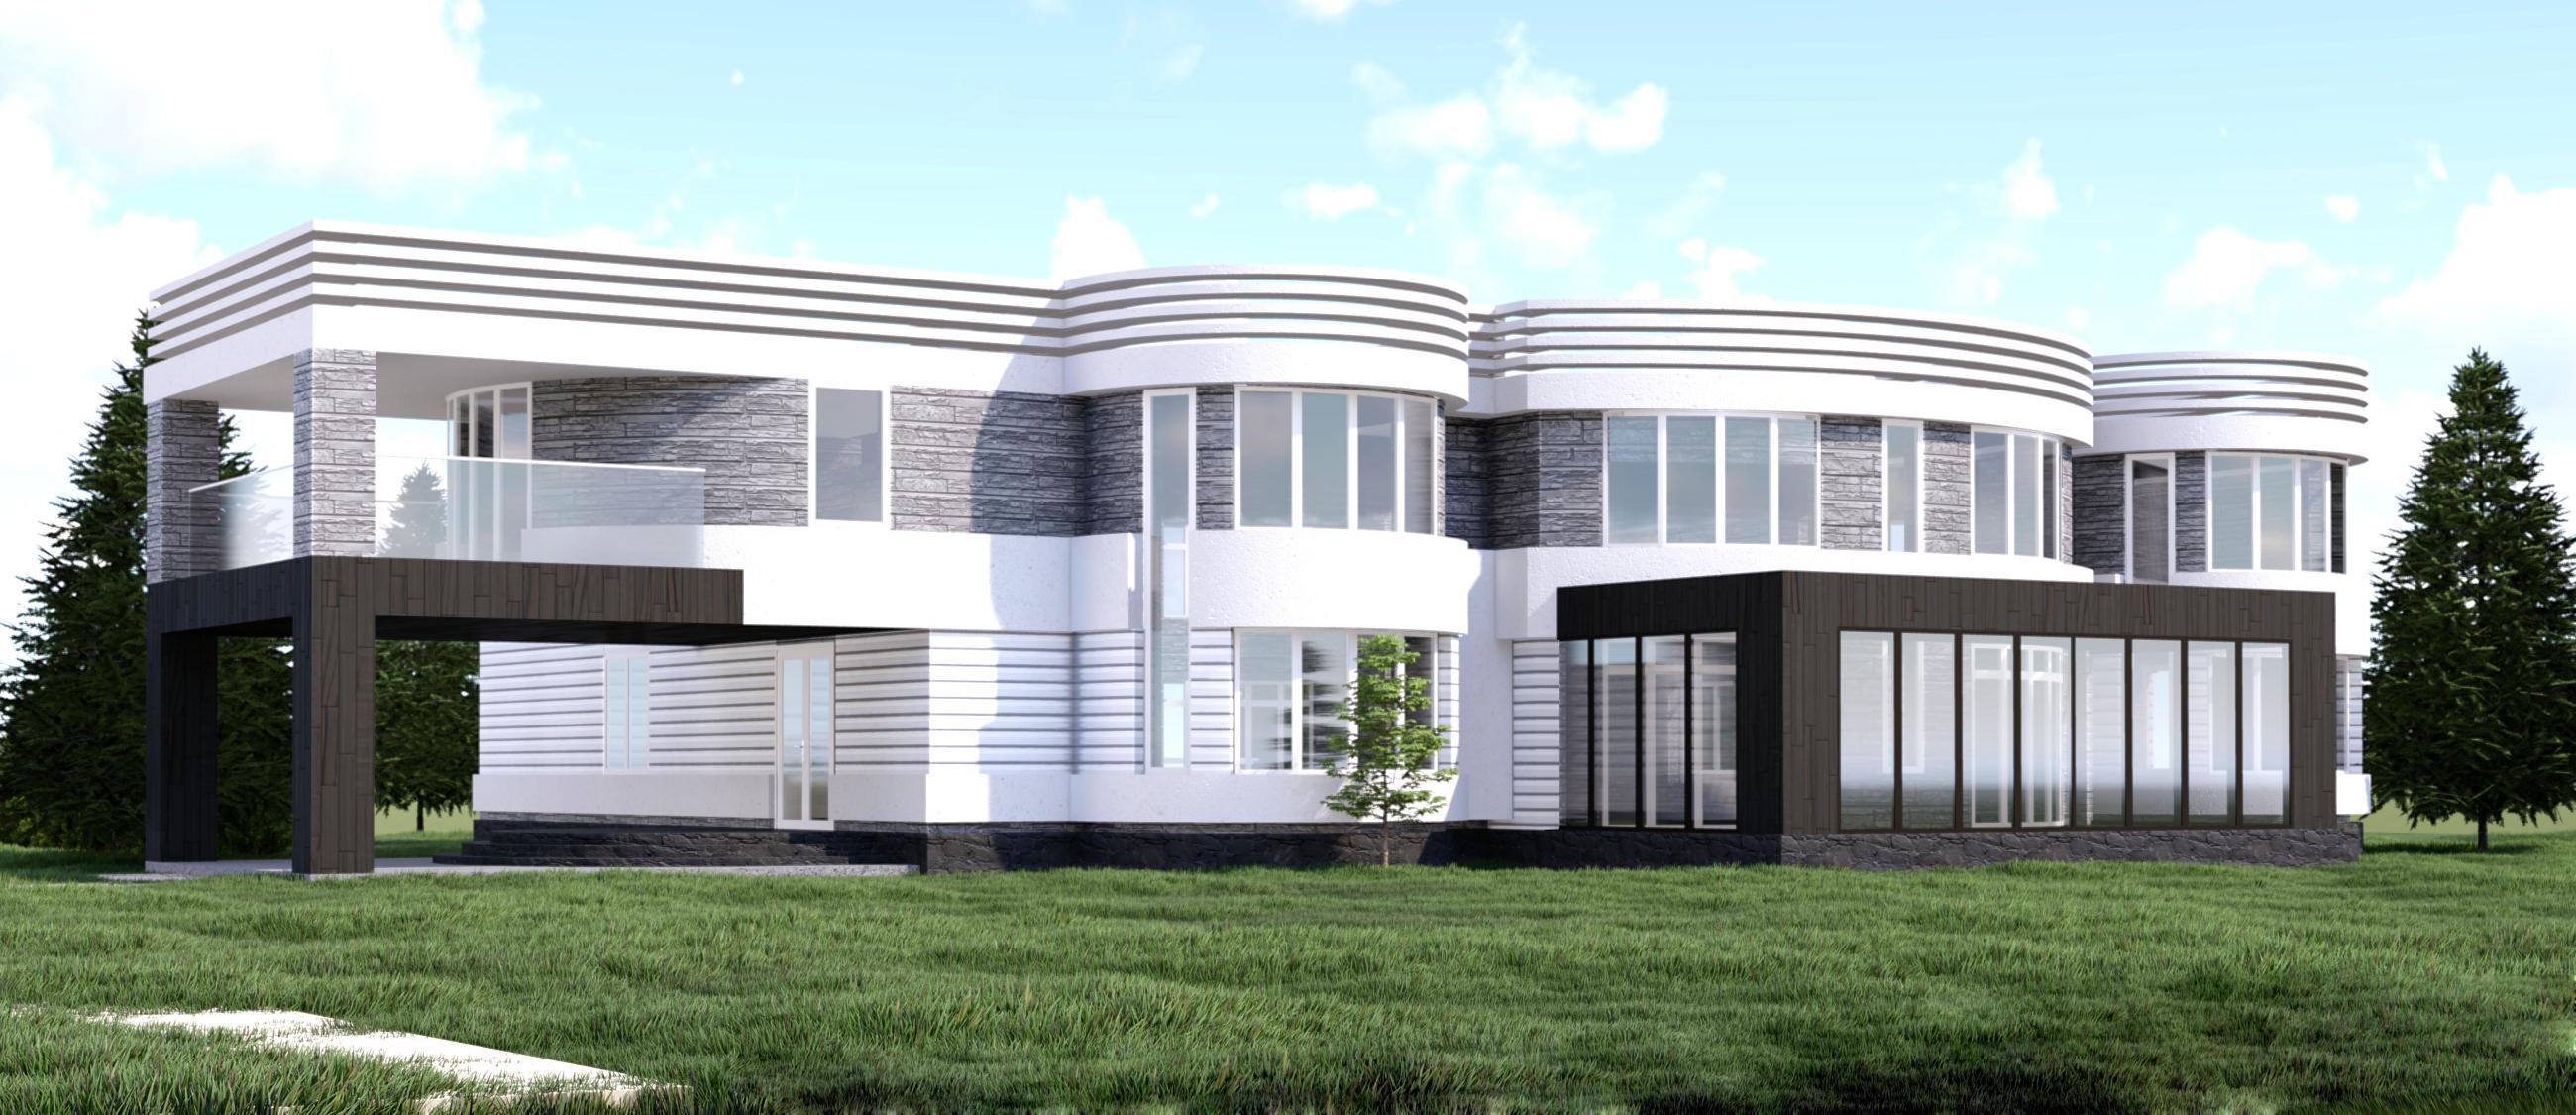 Дизайн-проект реконструкции фасадов и кровли фото f_8745eca148689fa6.jpg